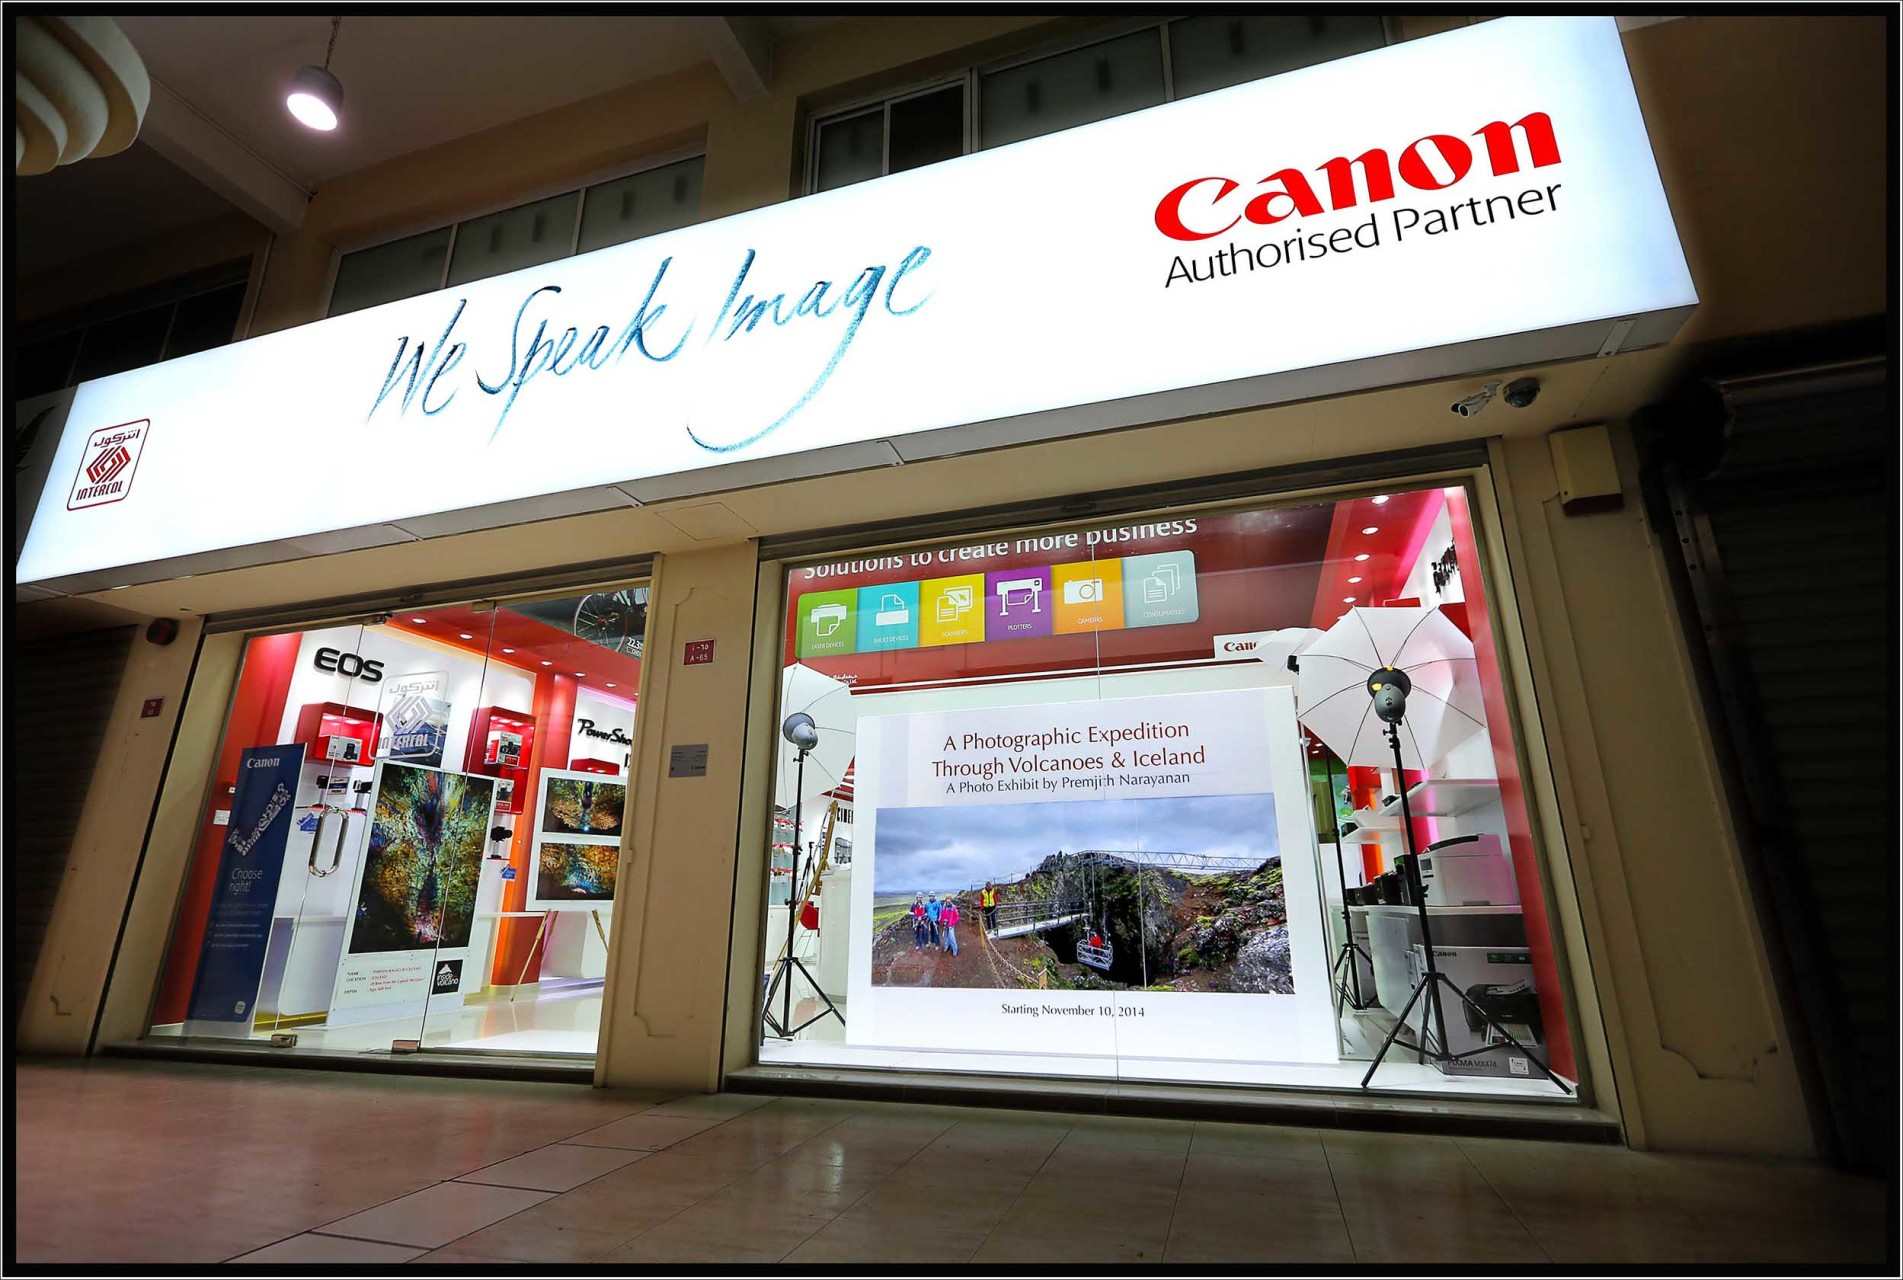 Canon showroom at Zinj, Bahrain